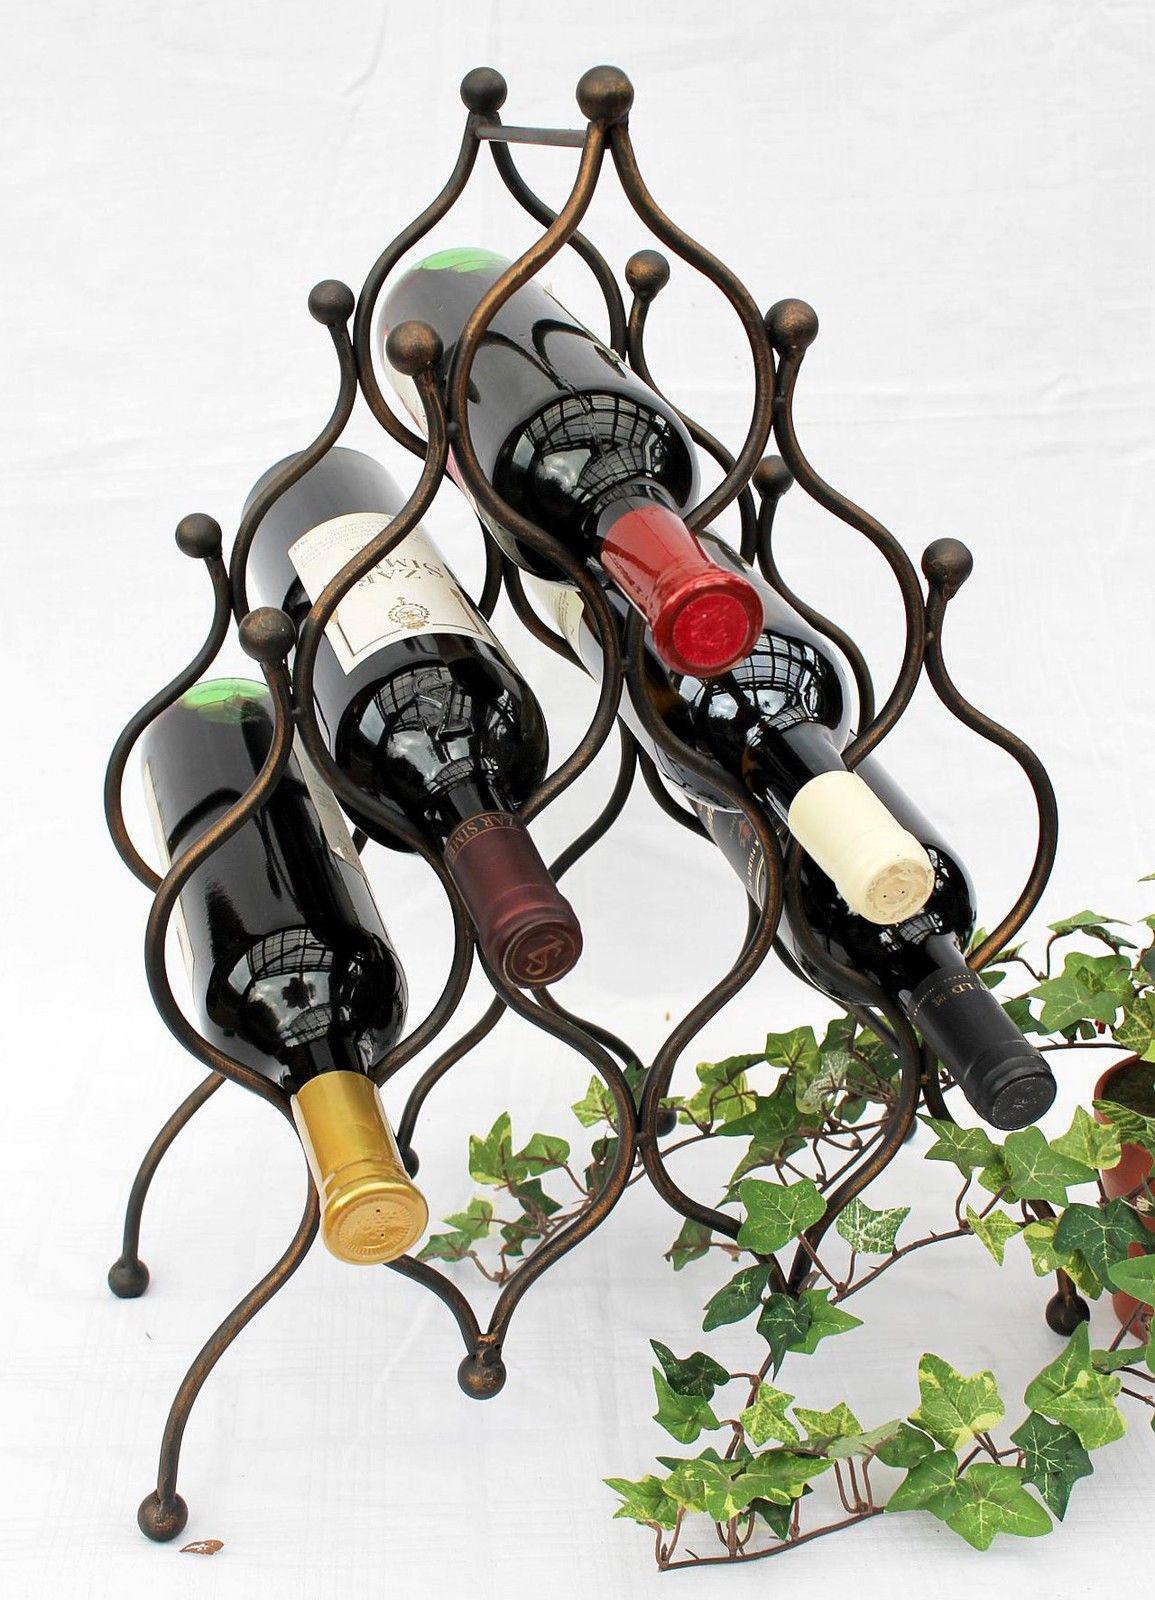 weinregal jd130406 aus metall f r 8 flaschen flaschenhalter 50 cm flaschenregal ebay. Black Bedroom Furniture Sets. Home Design Ideas